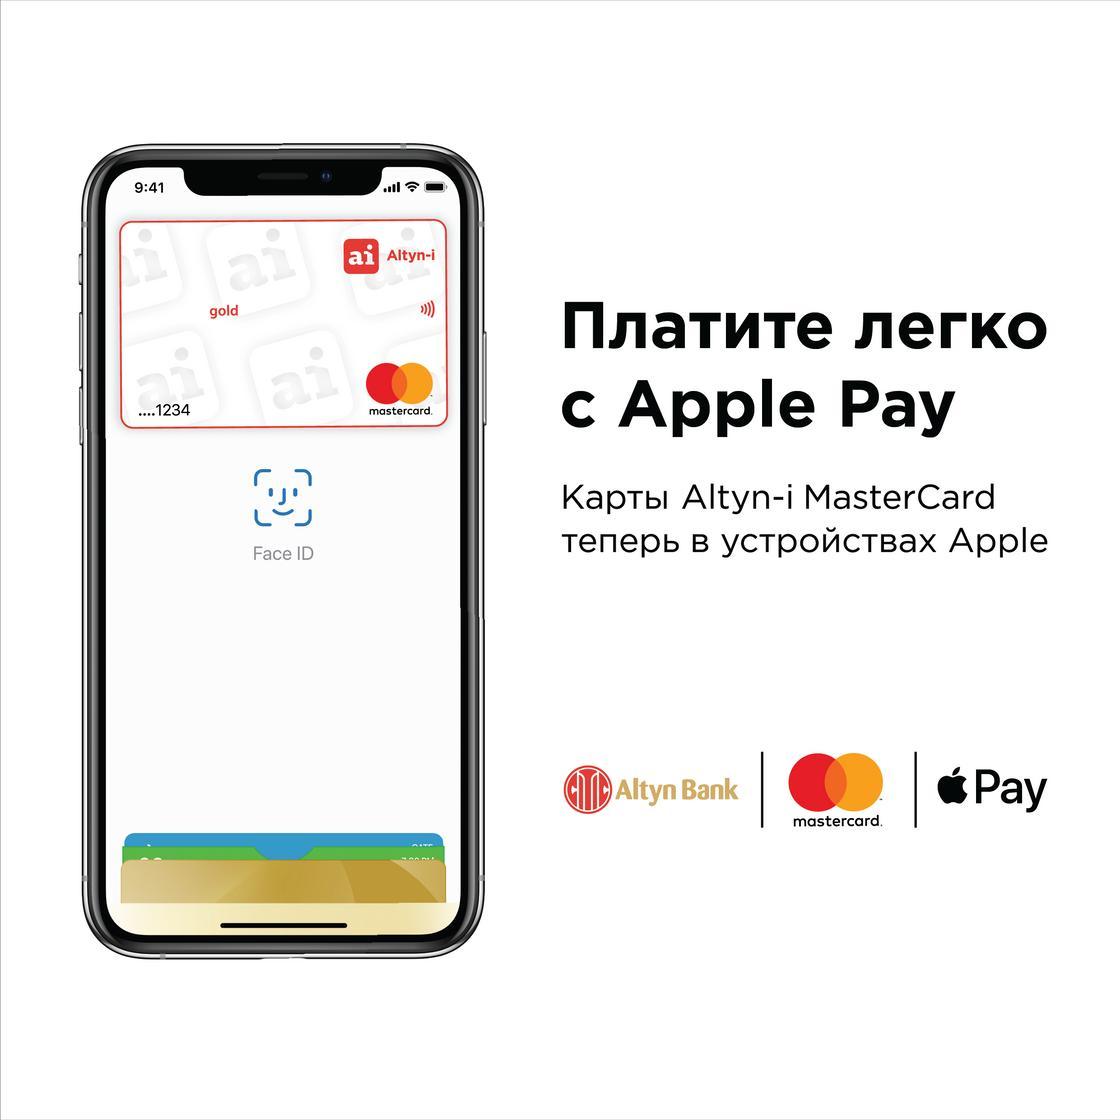 Altyn Bank в цифровом банкинге Altyn-i запустил бесконтактные платежи Apple Pay